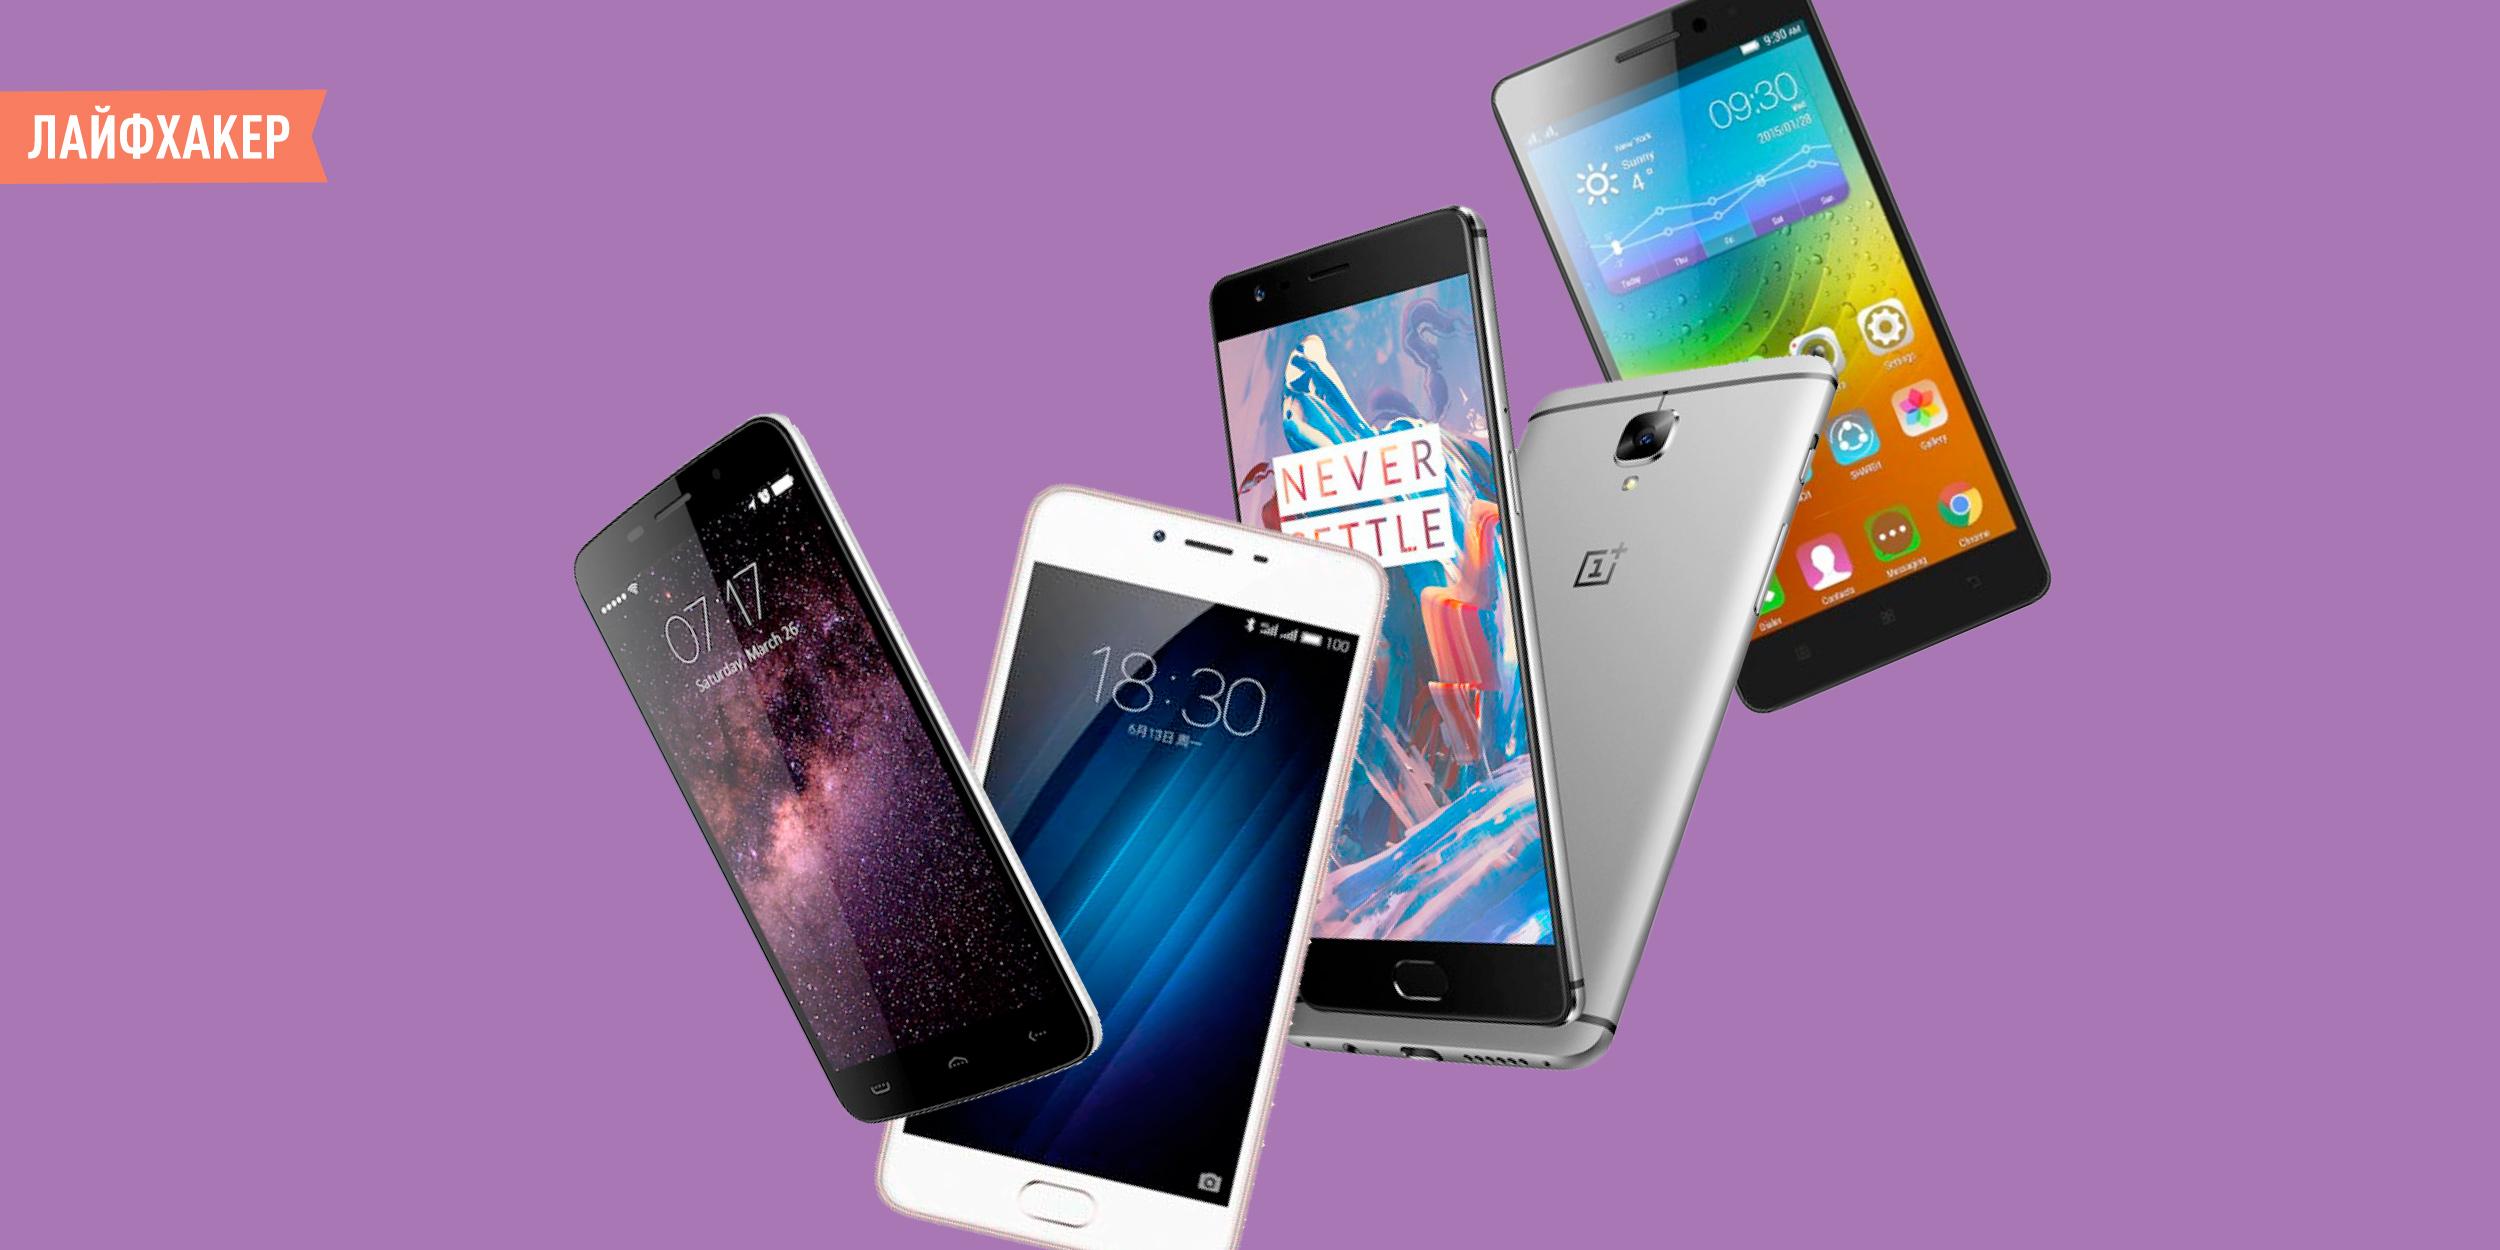 20 китайских смартфонов, на которые стоит обратить внимание в 2016 году